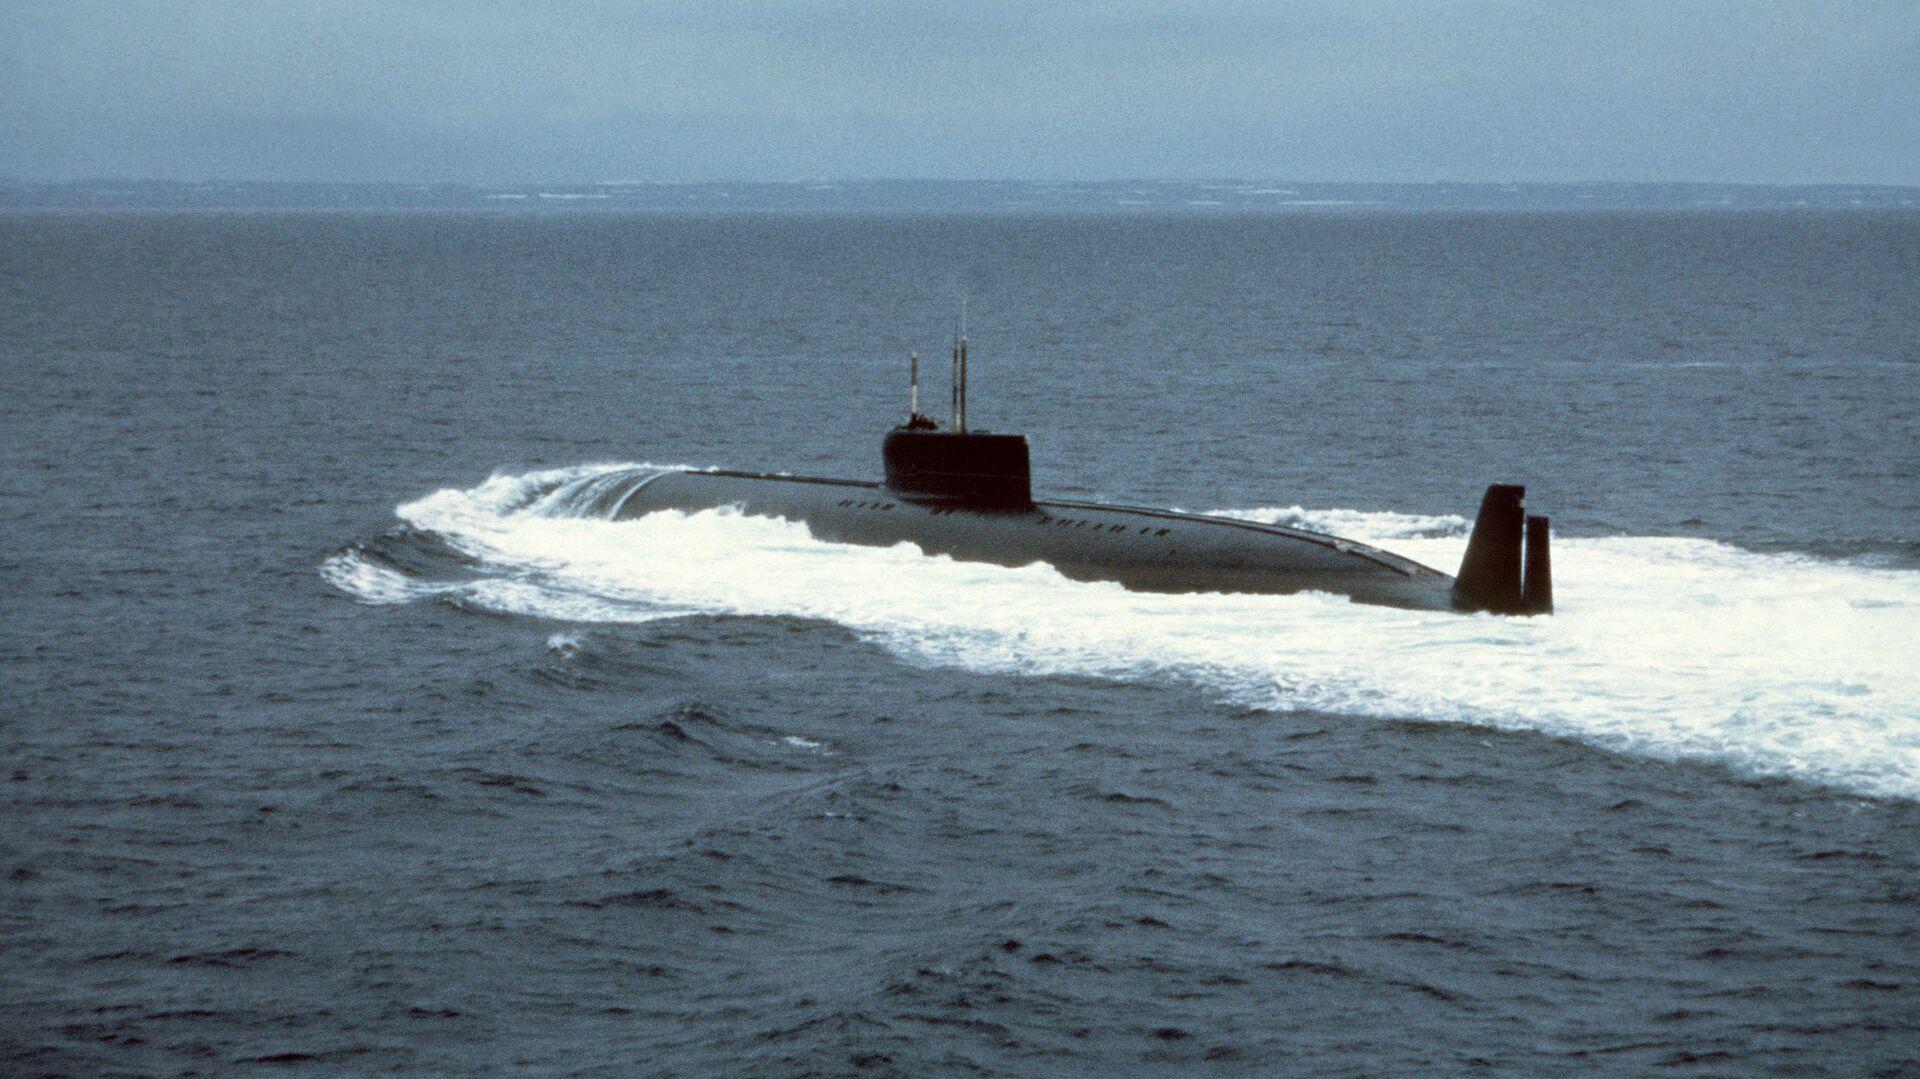 Атомная подводная лодка К-162 (известная позднее также как К-222) на испытаниях - РИА Новости, 1920, 18.12.2020